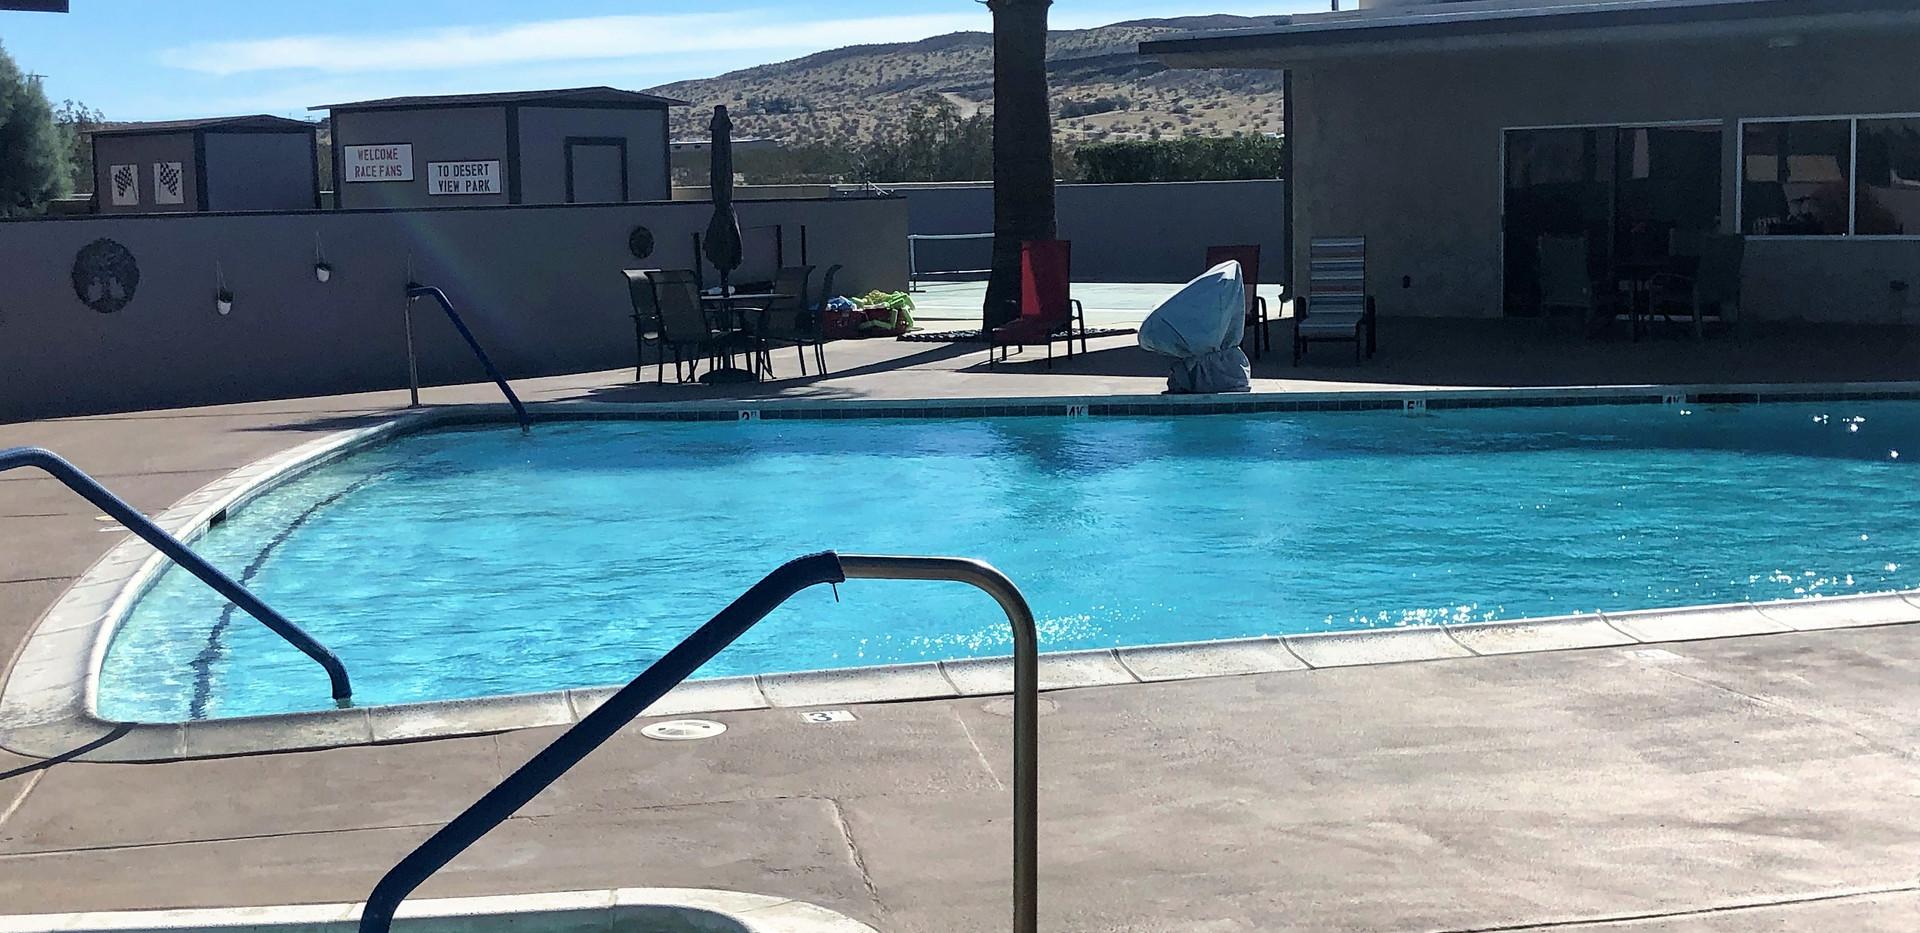 Pool and Cool Pool